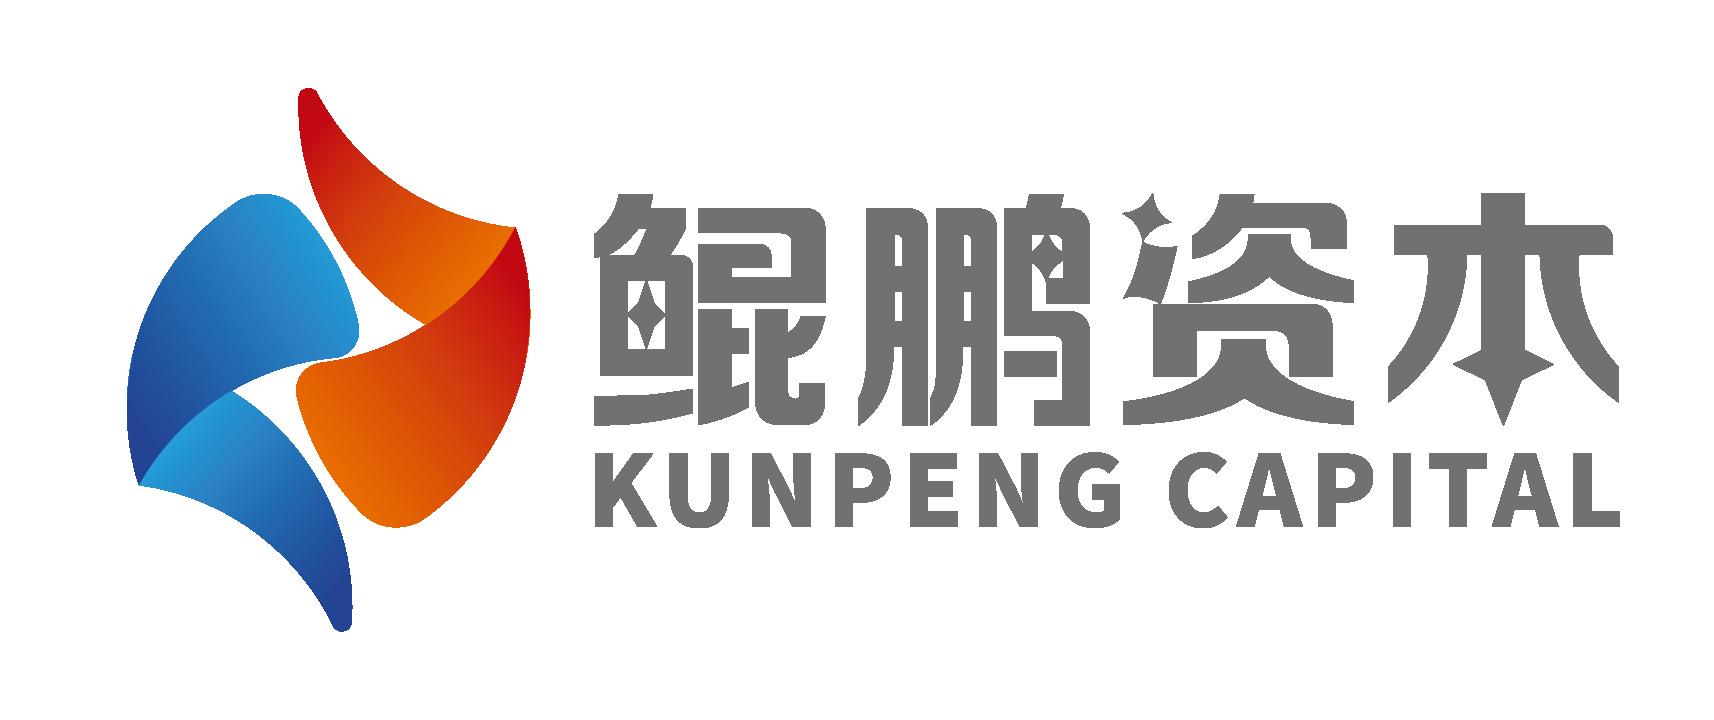 深圳市鲲鹏股权投资管理有限公司1